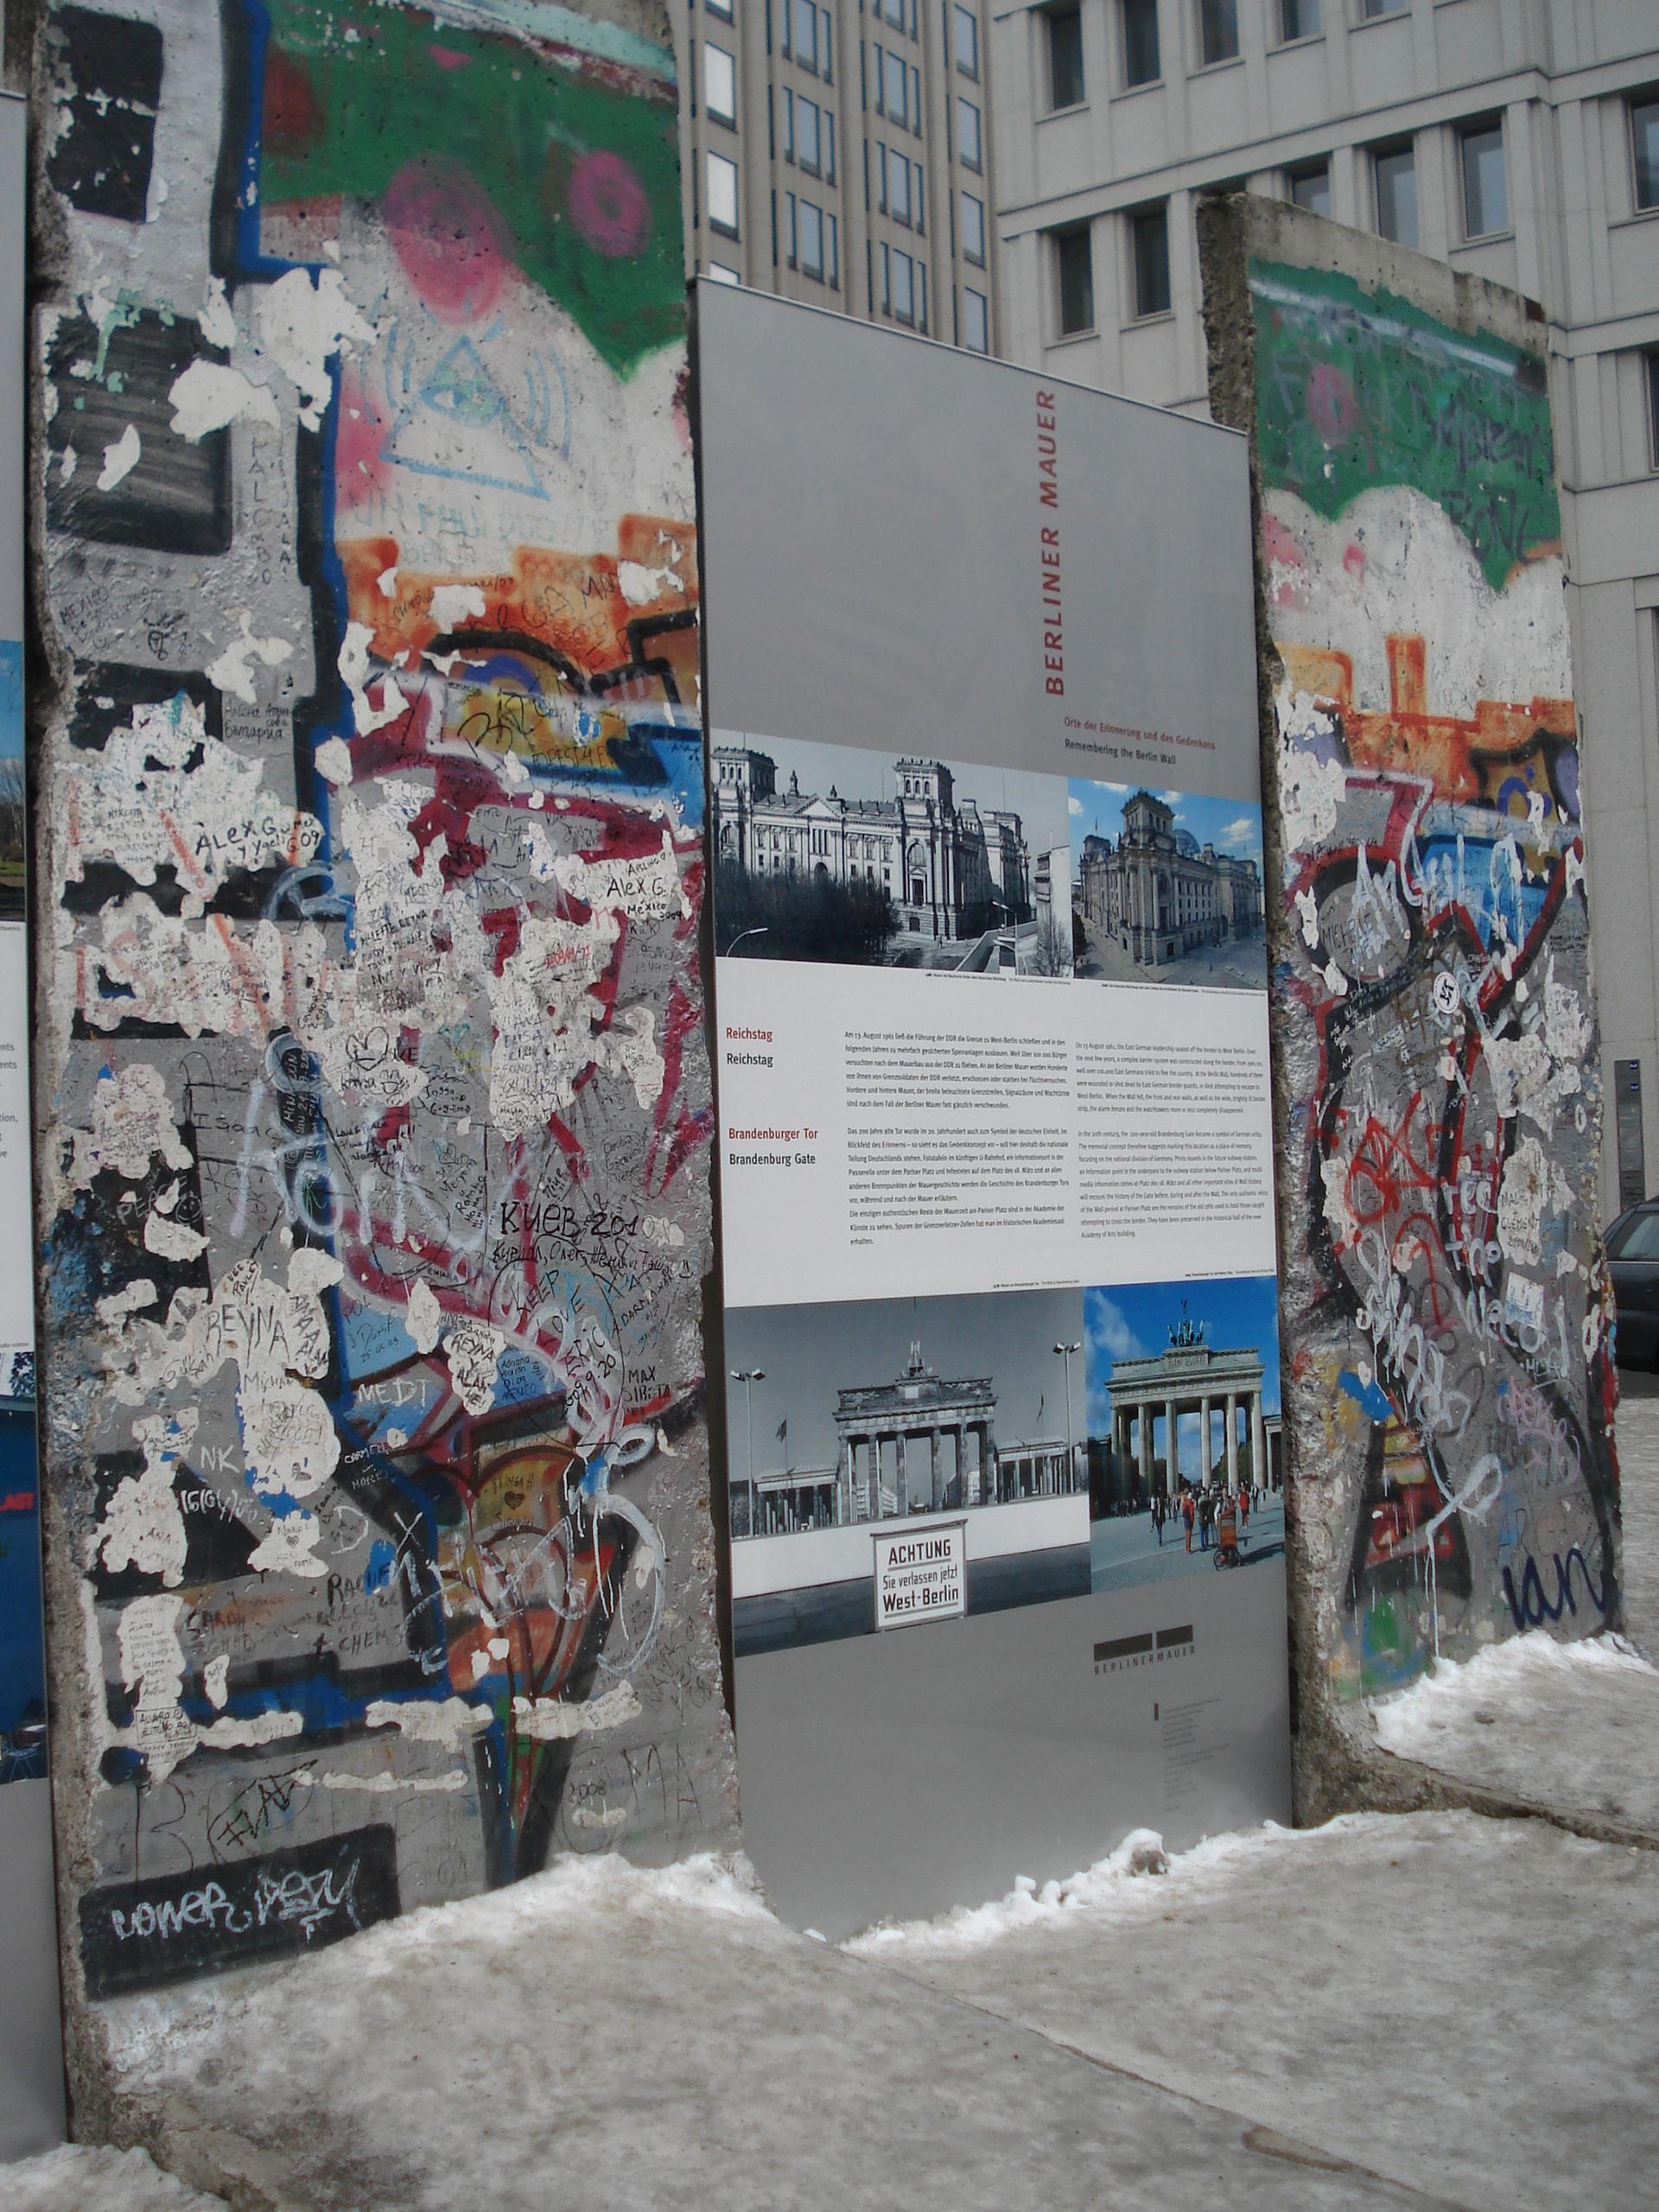 La franja del memorial del muro se extiende por algo más de un kilómetro y significa la división de Berlín Oriental y Occidental hasta la reunificación a fines de los años ochenta